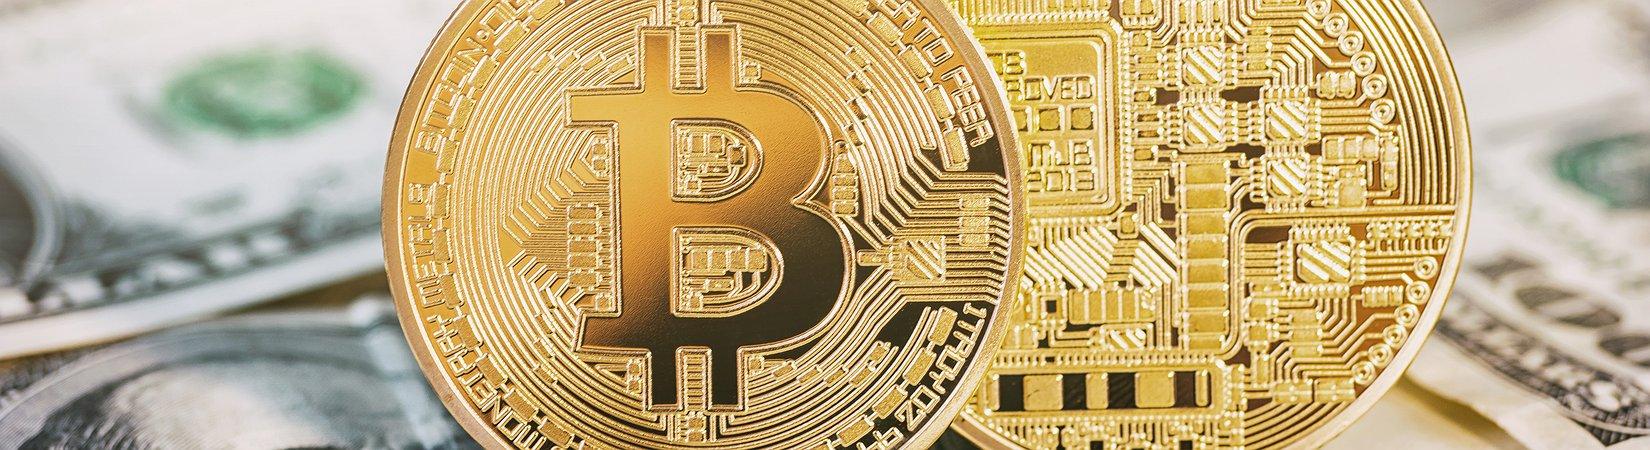 карта валют тепловая опционов бинарных онлайн для-18